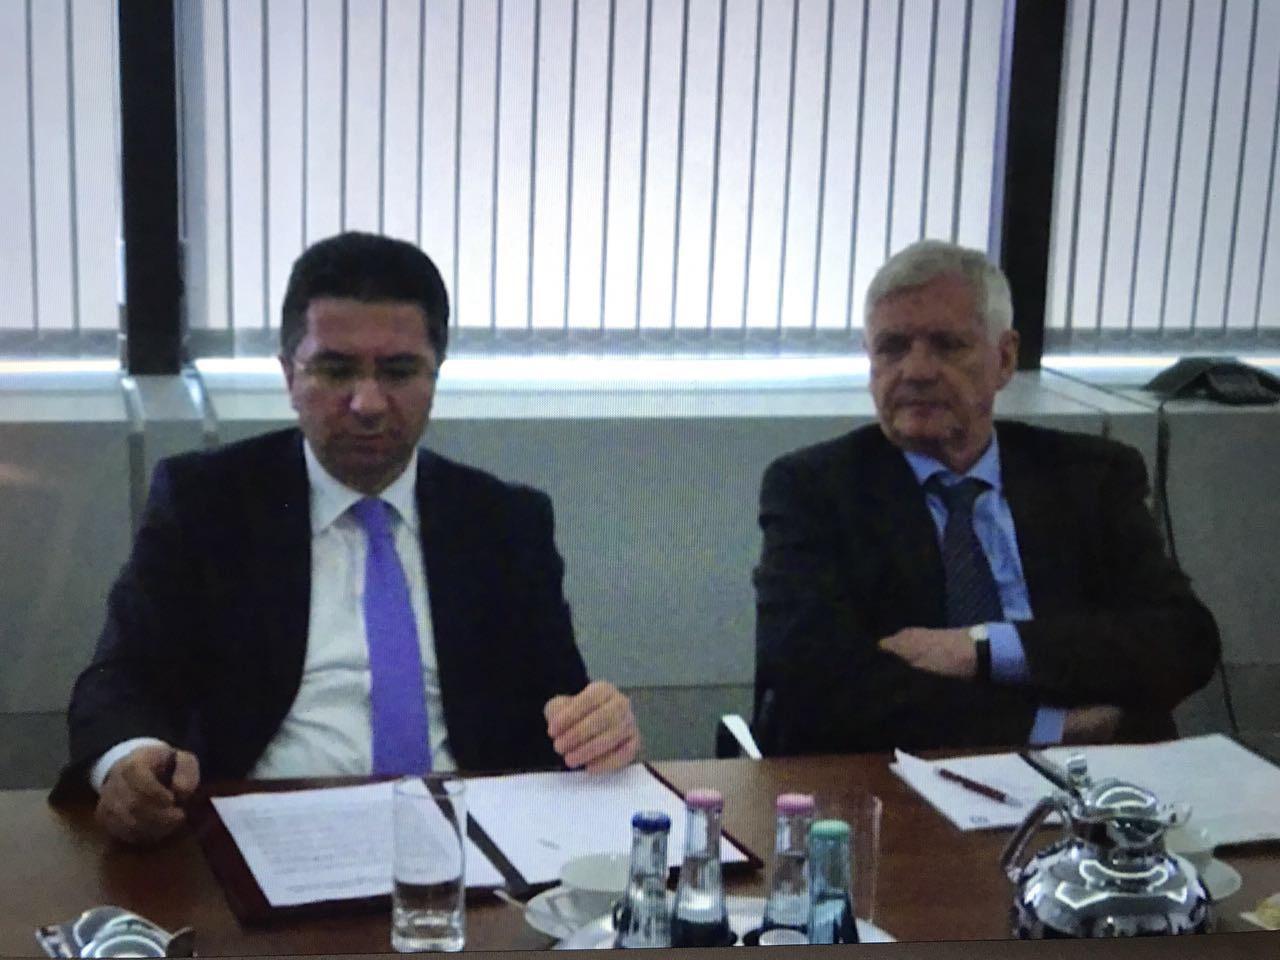 Almaniya-Azərbaycan Forumunun toplantısı keçirilib (FOTO)